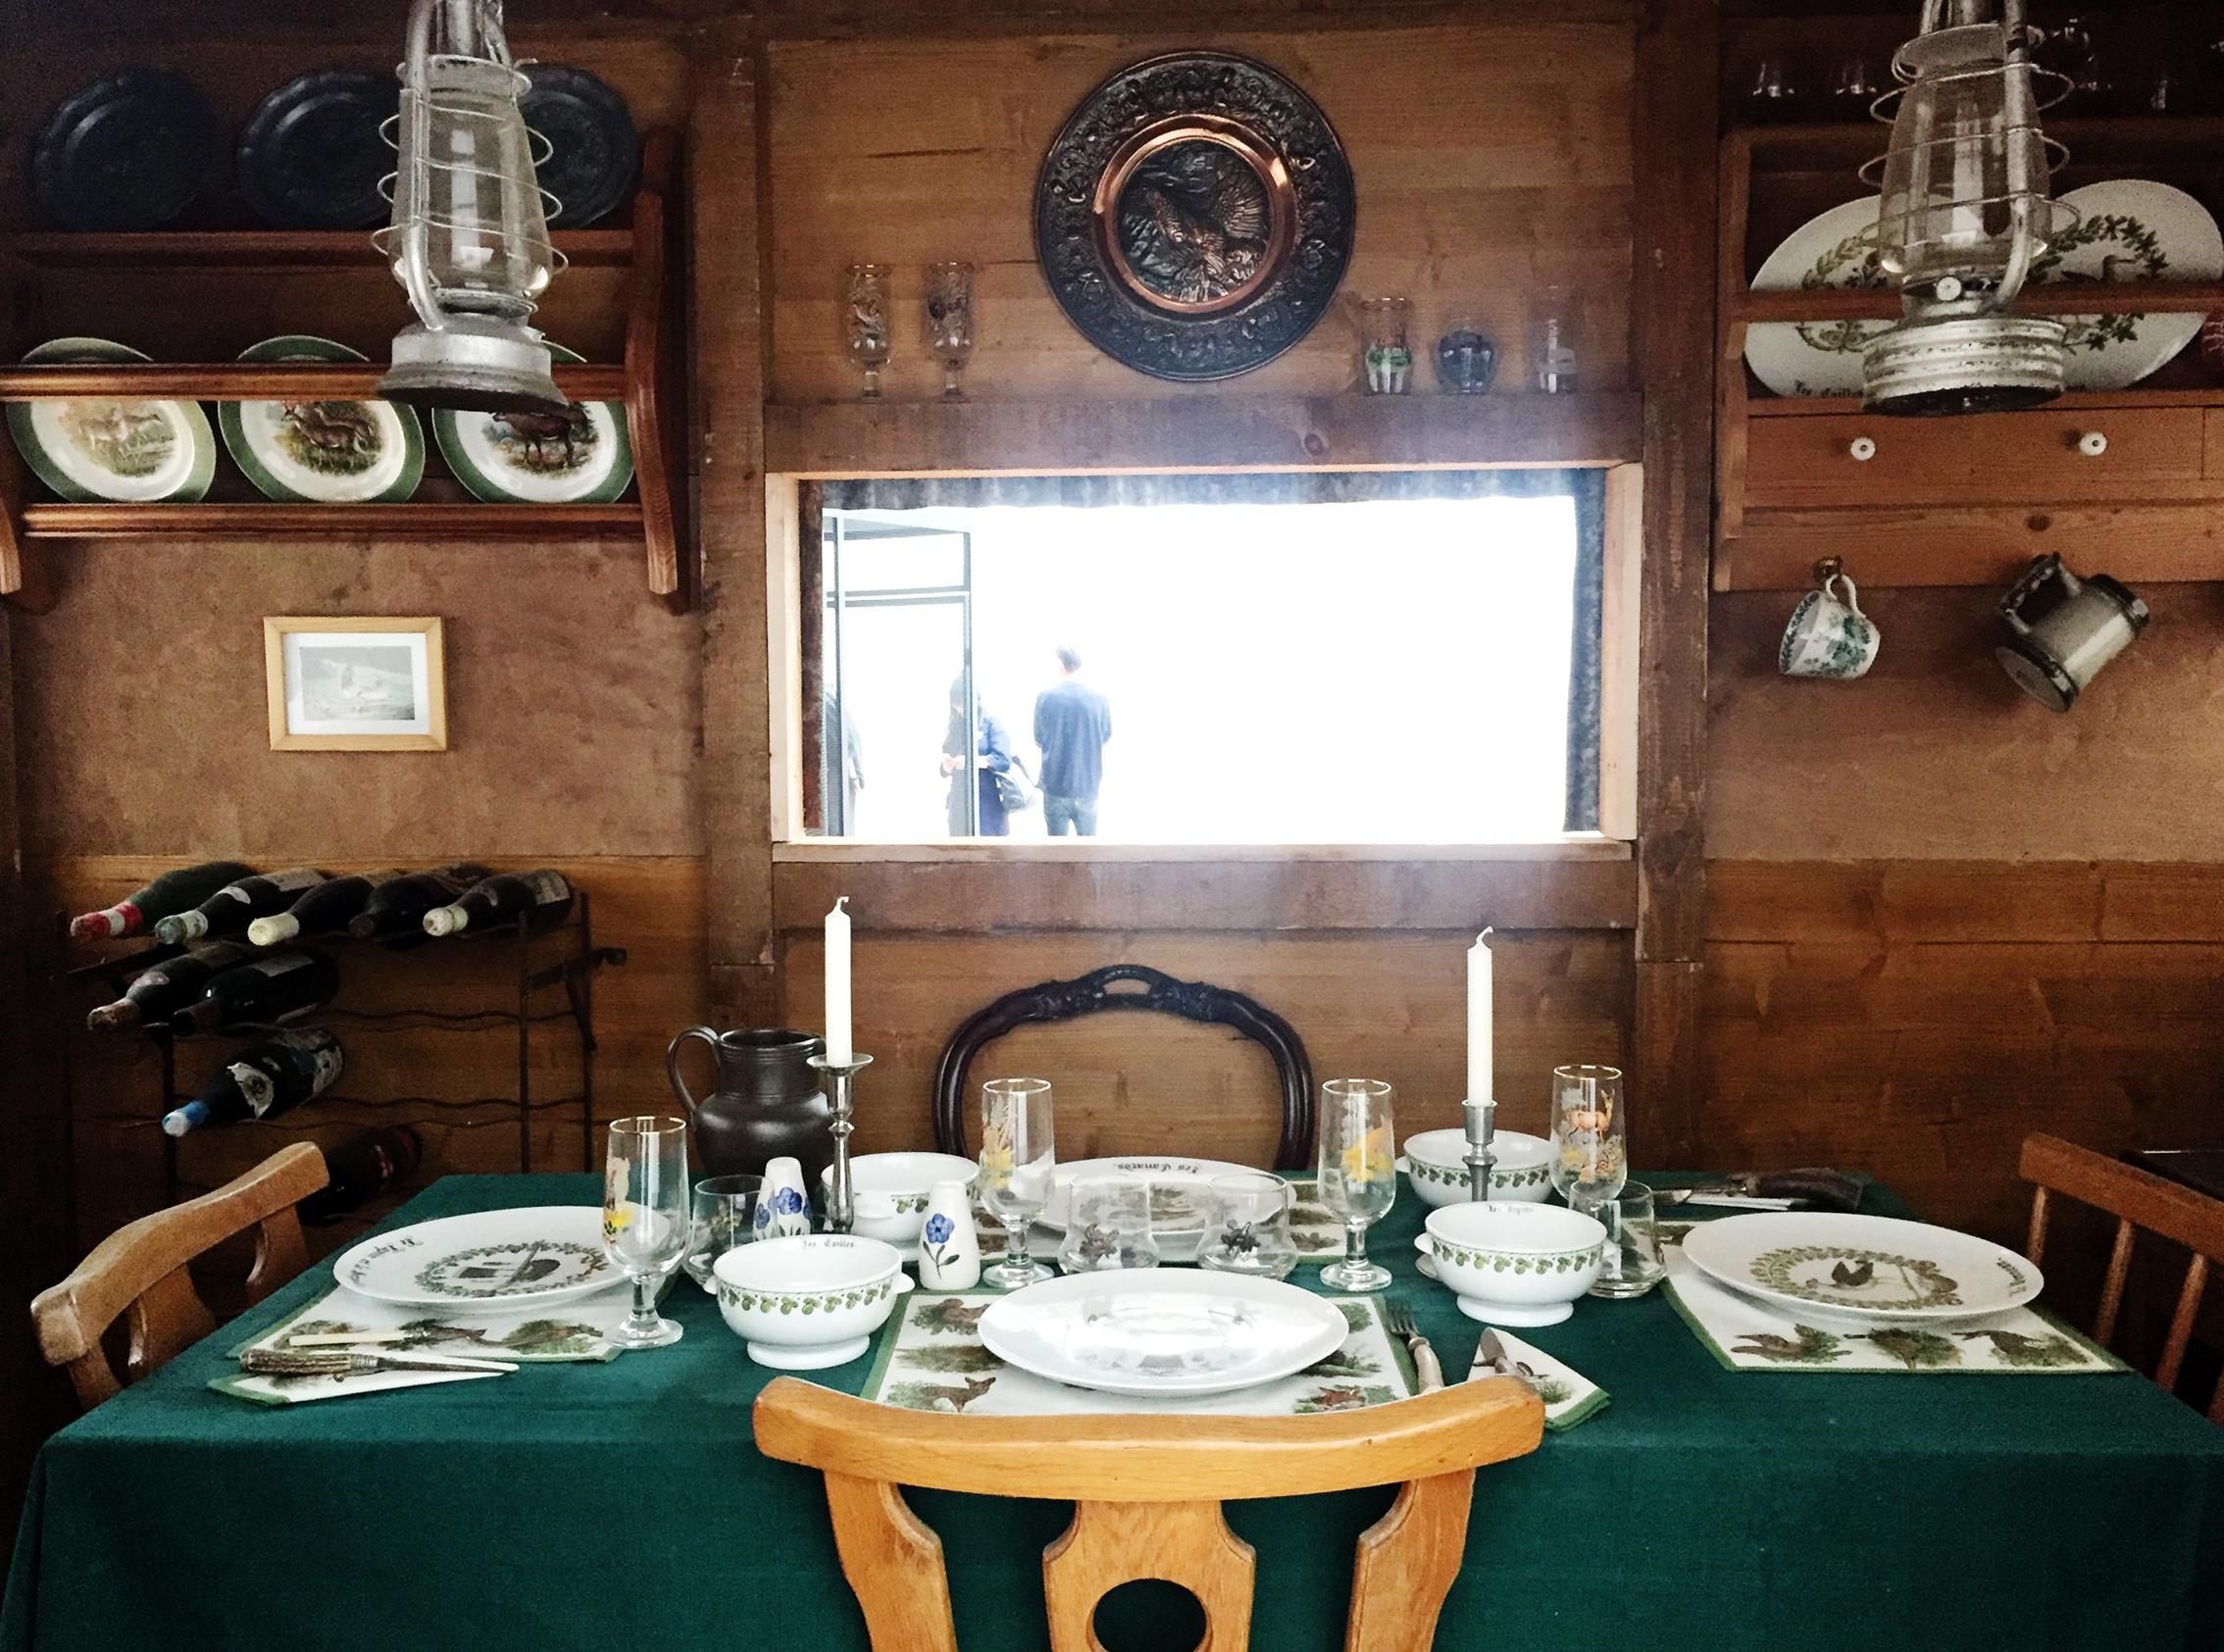 Yksityiskohta  The Hunting blinds and Hunting Standards (2005-2008) teoksen metsästysmajasta  Glutton's lair .